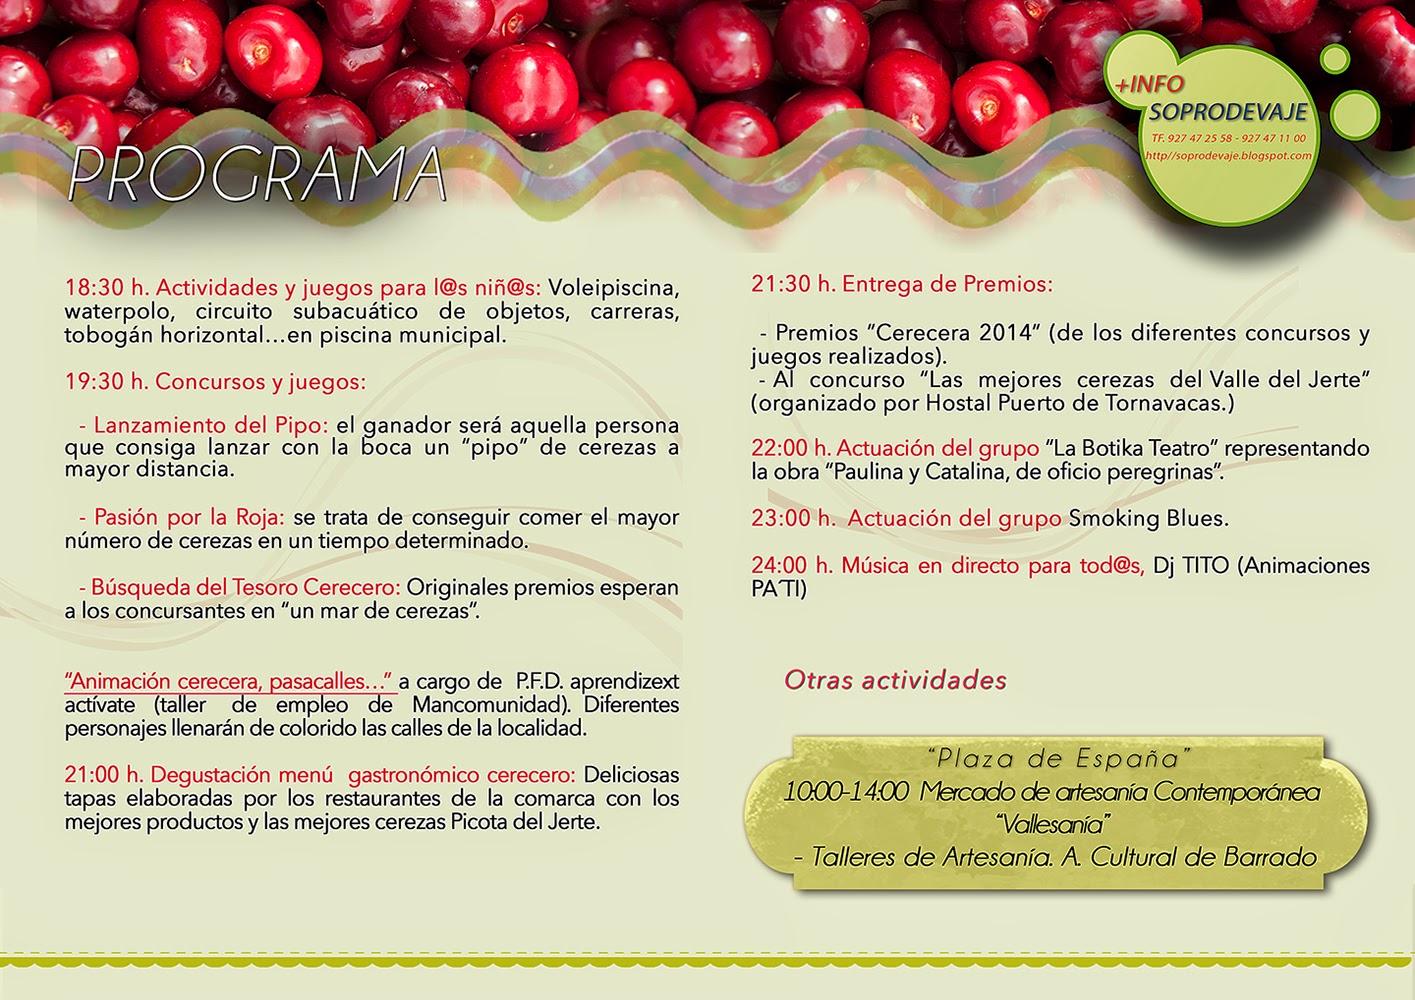 Programa Convivencia Cerecera 2014. Valle del Jerte